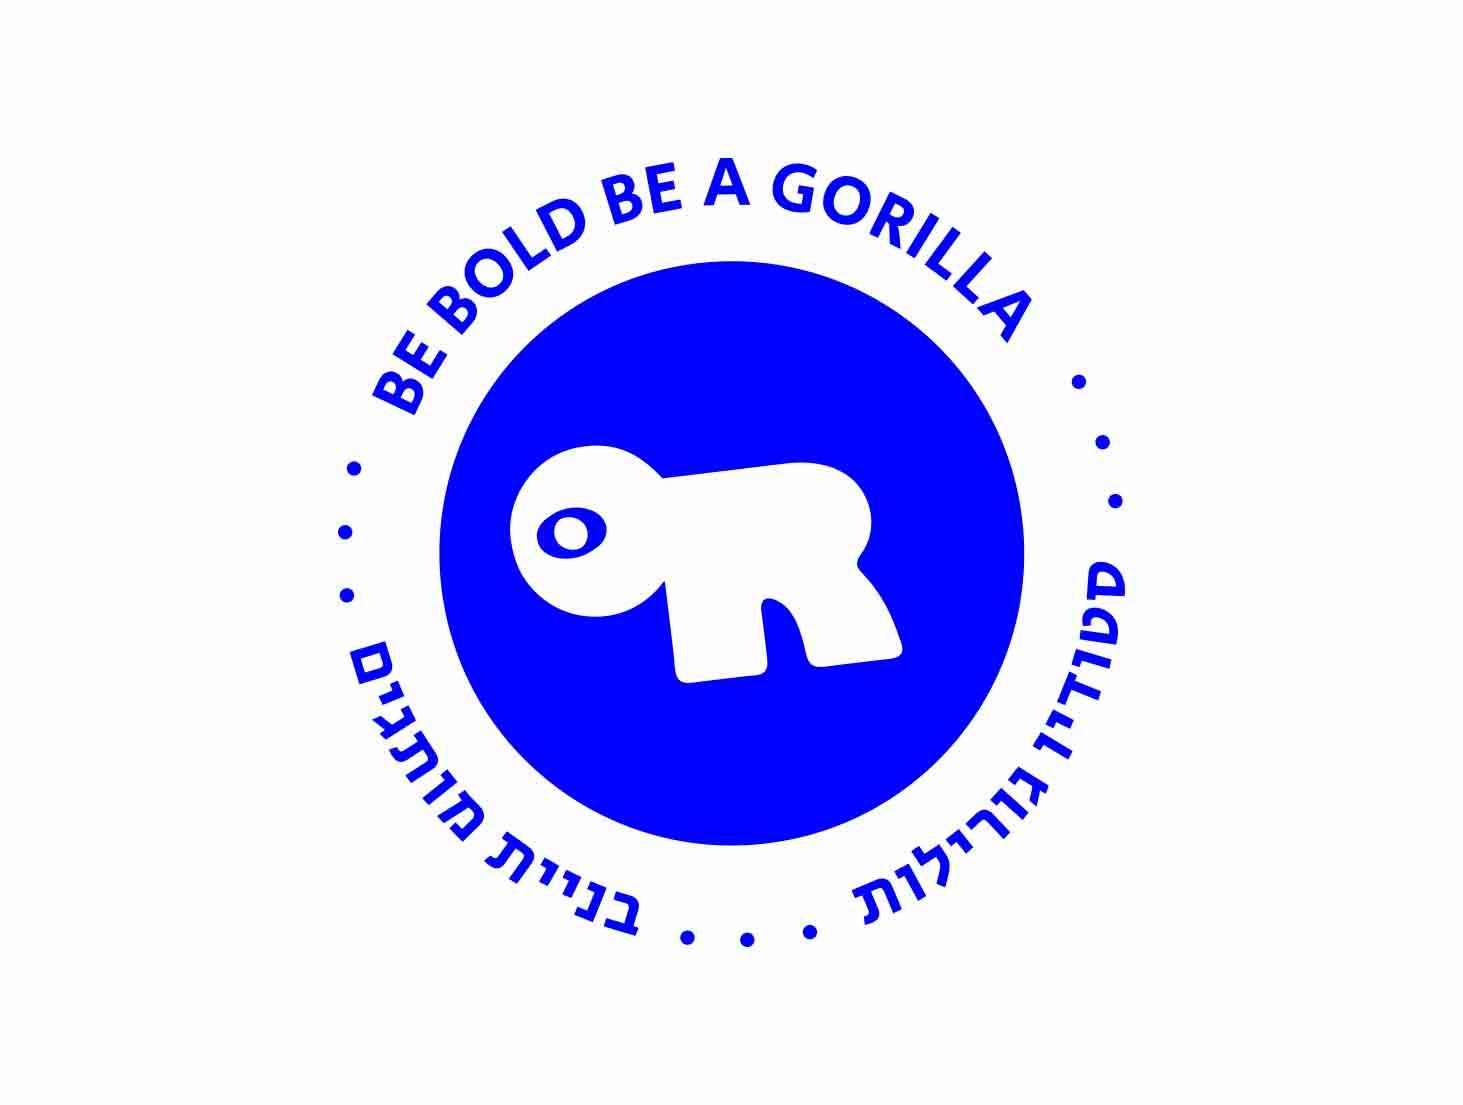 תמונה של לוגו אייקון של סטודיו גורילות